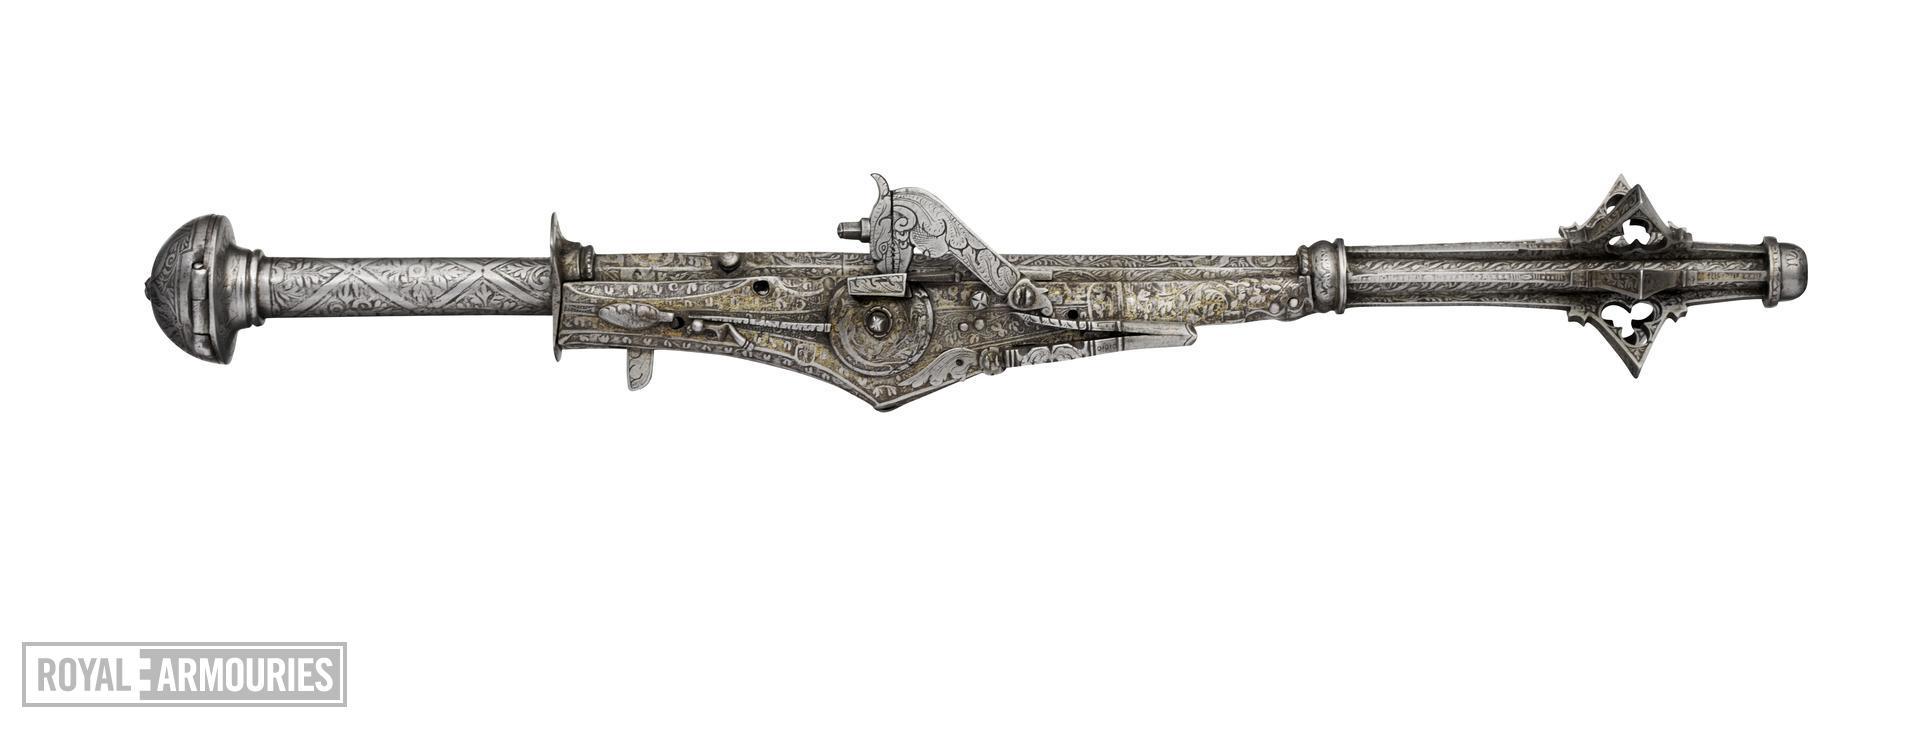 Wheellock combination mace and pistol